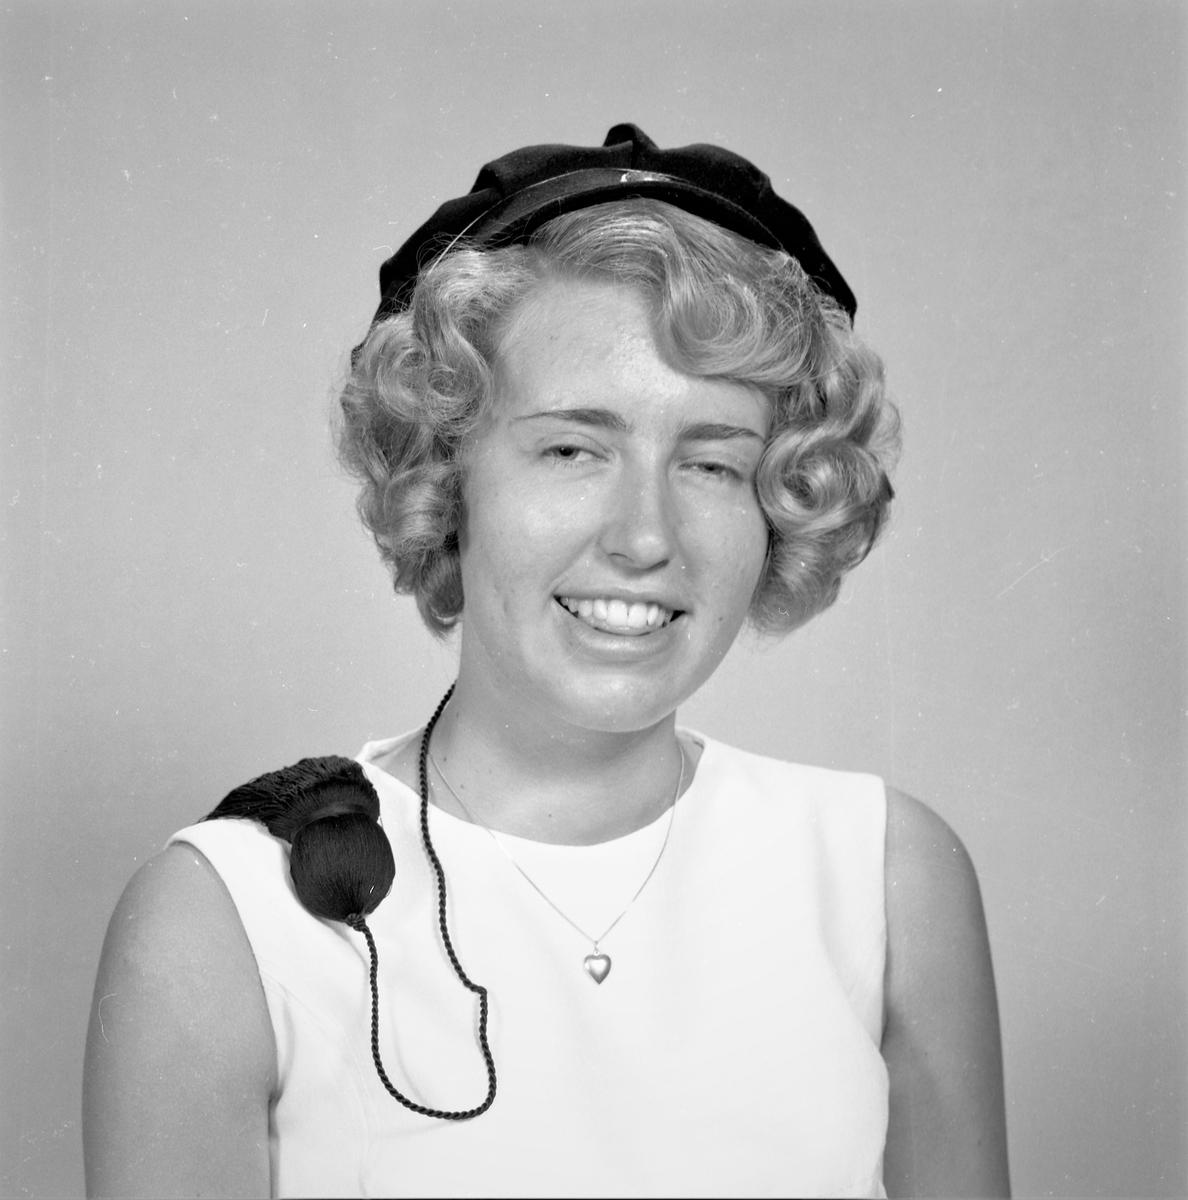 Portrett. Ung lyshåret kvinne i lys ermeløs kjole. Sort studentlue på hodet. Bestilt av Vigdis Hvalberg. St. Olavsgt. 13c